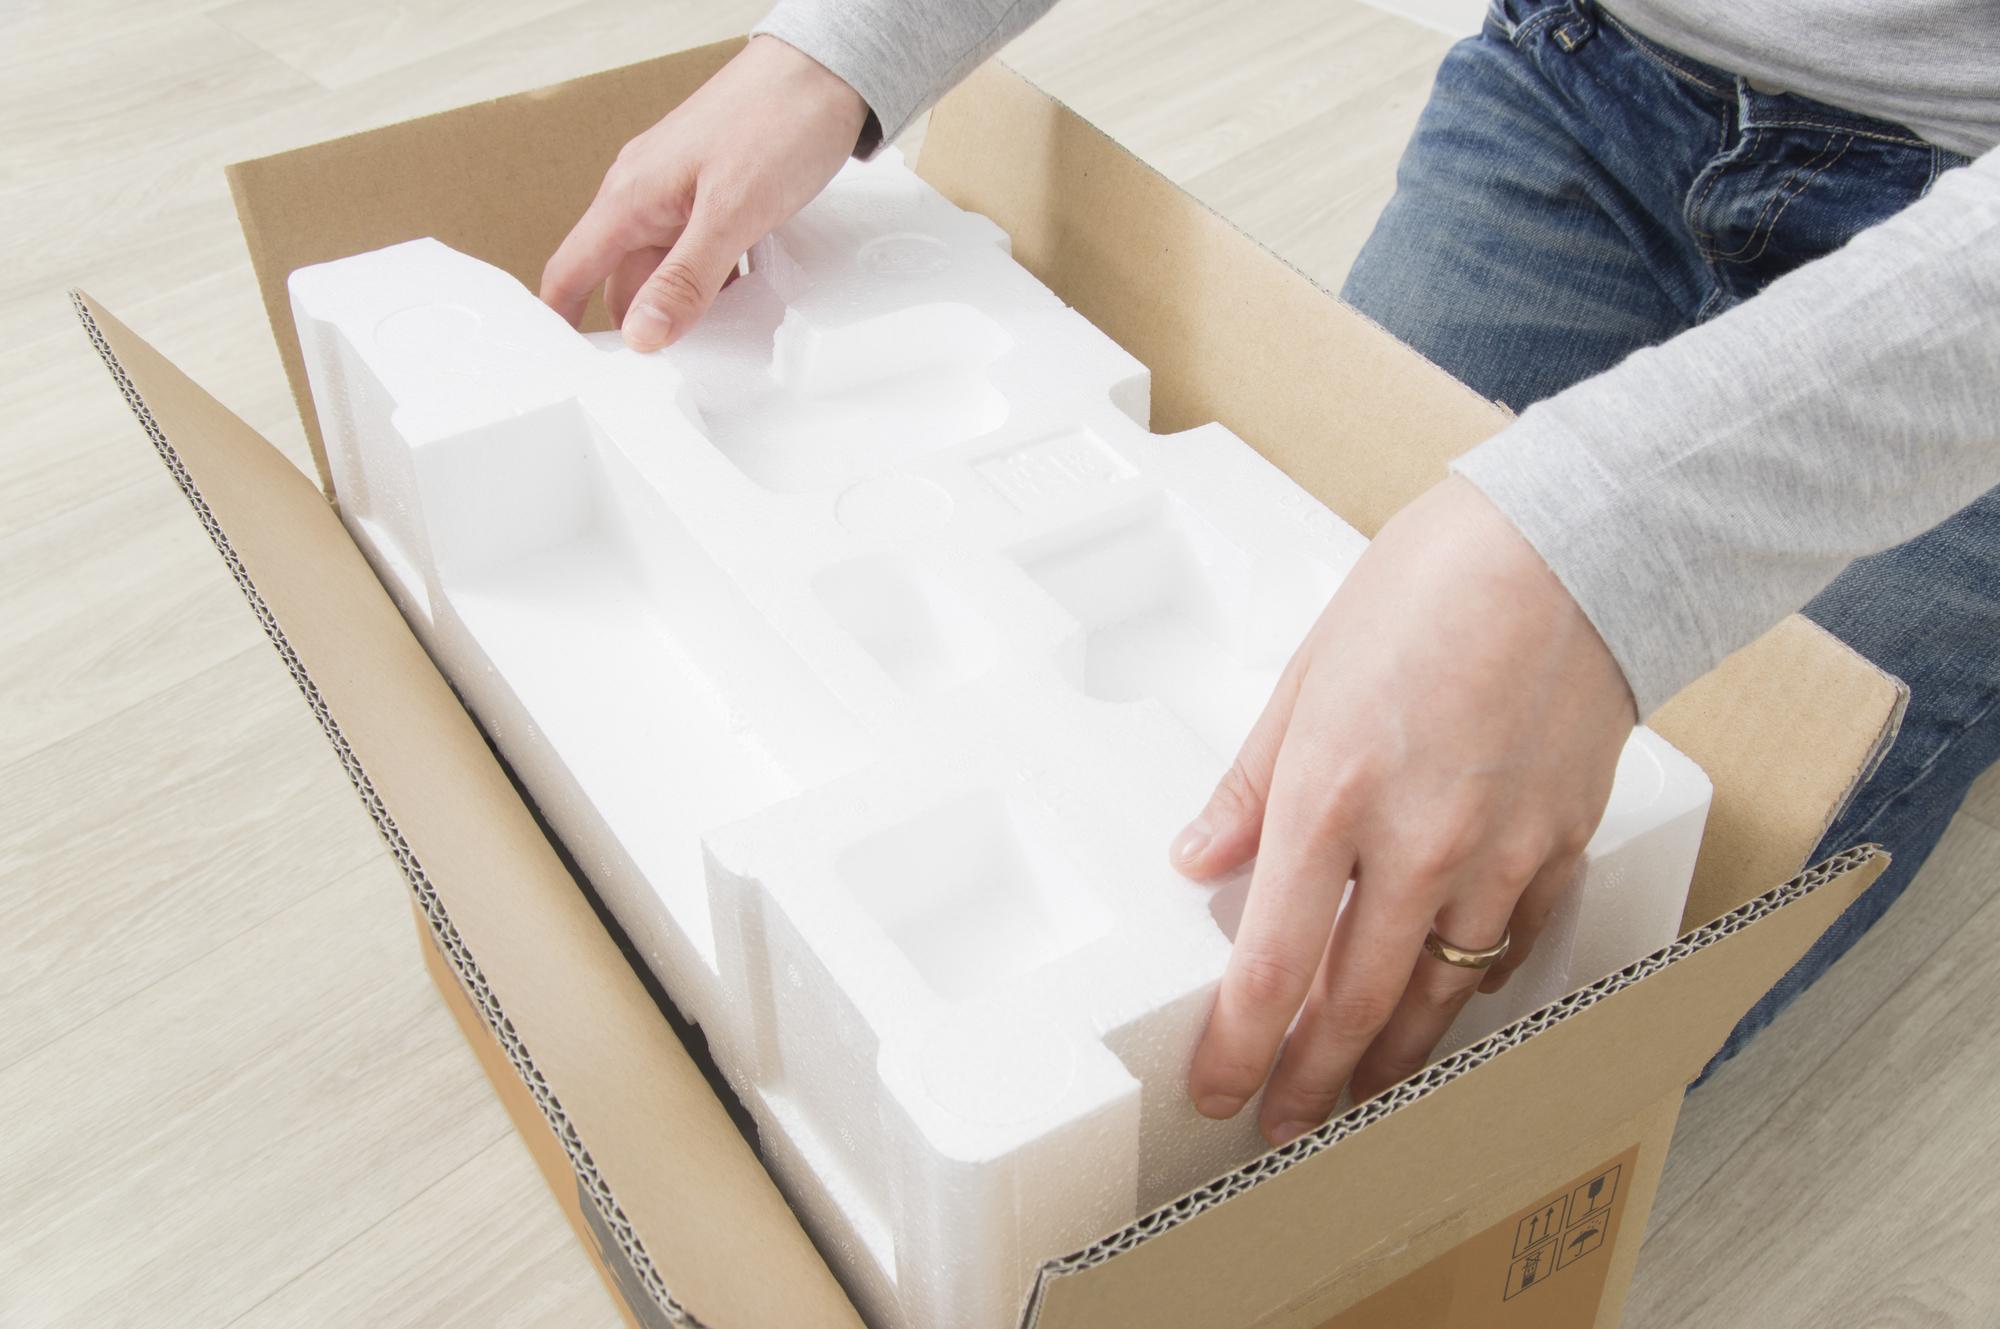 電解製品の梱包